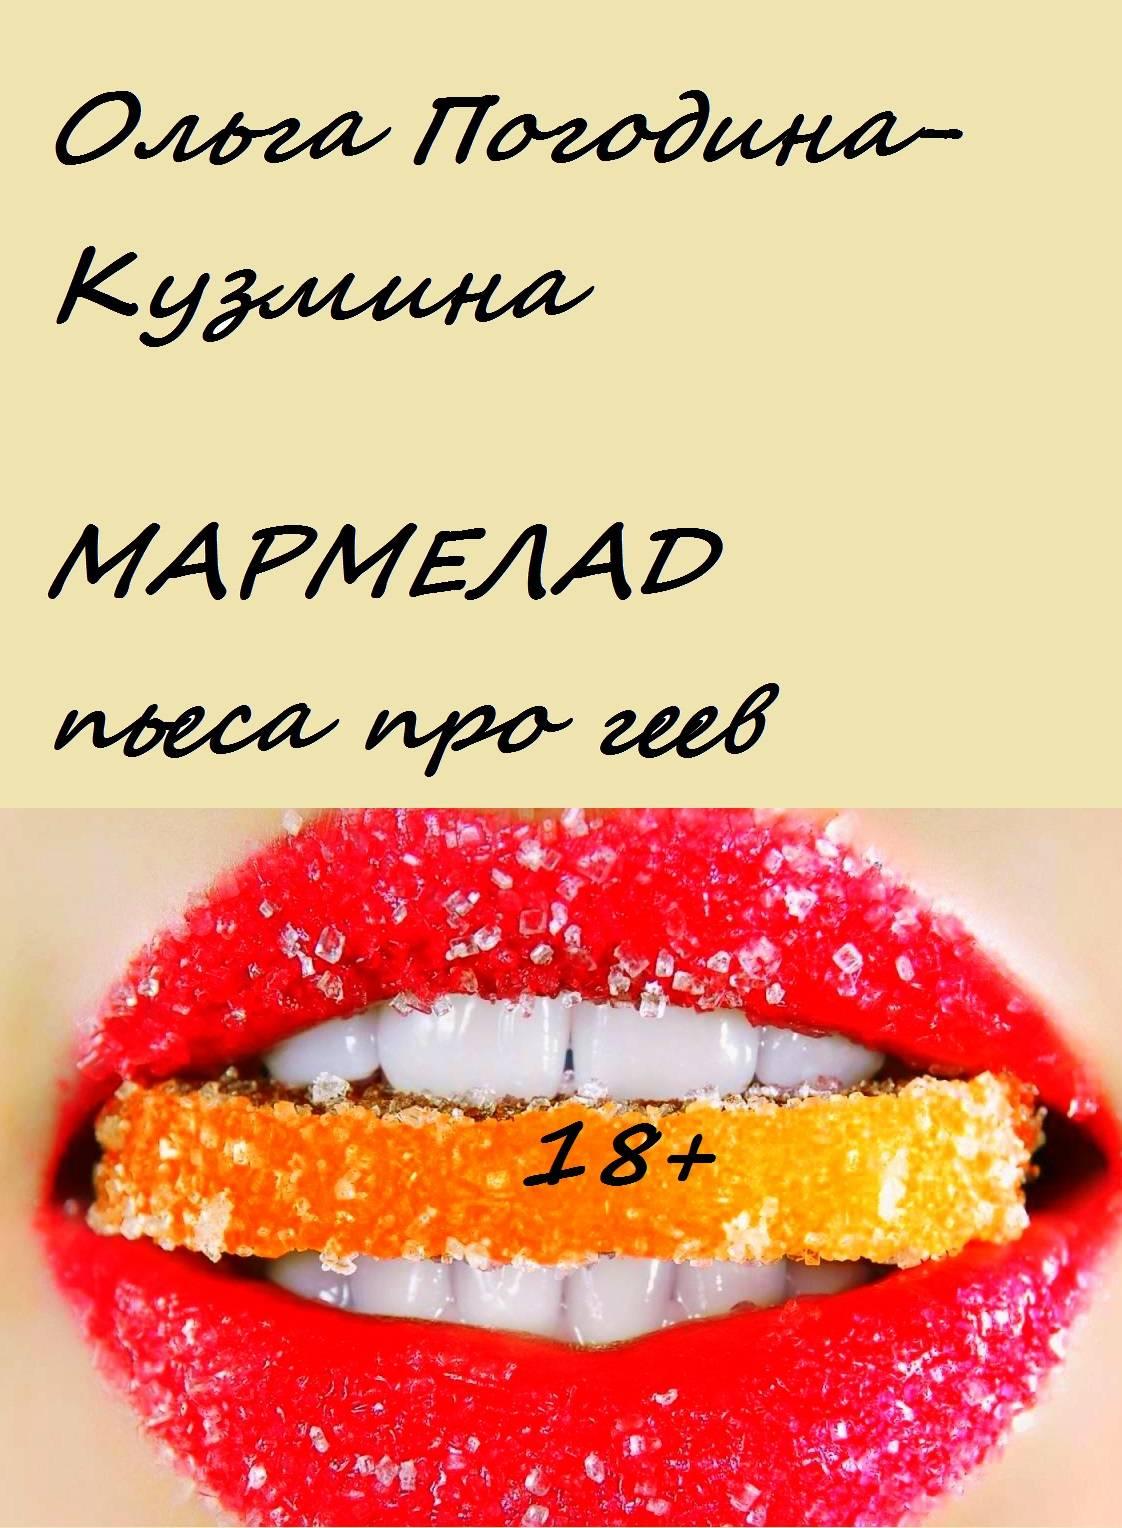 Ольга Погодина-Кузмина Мармелад ольга погодина кузмина глиняная яма